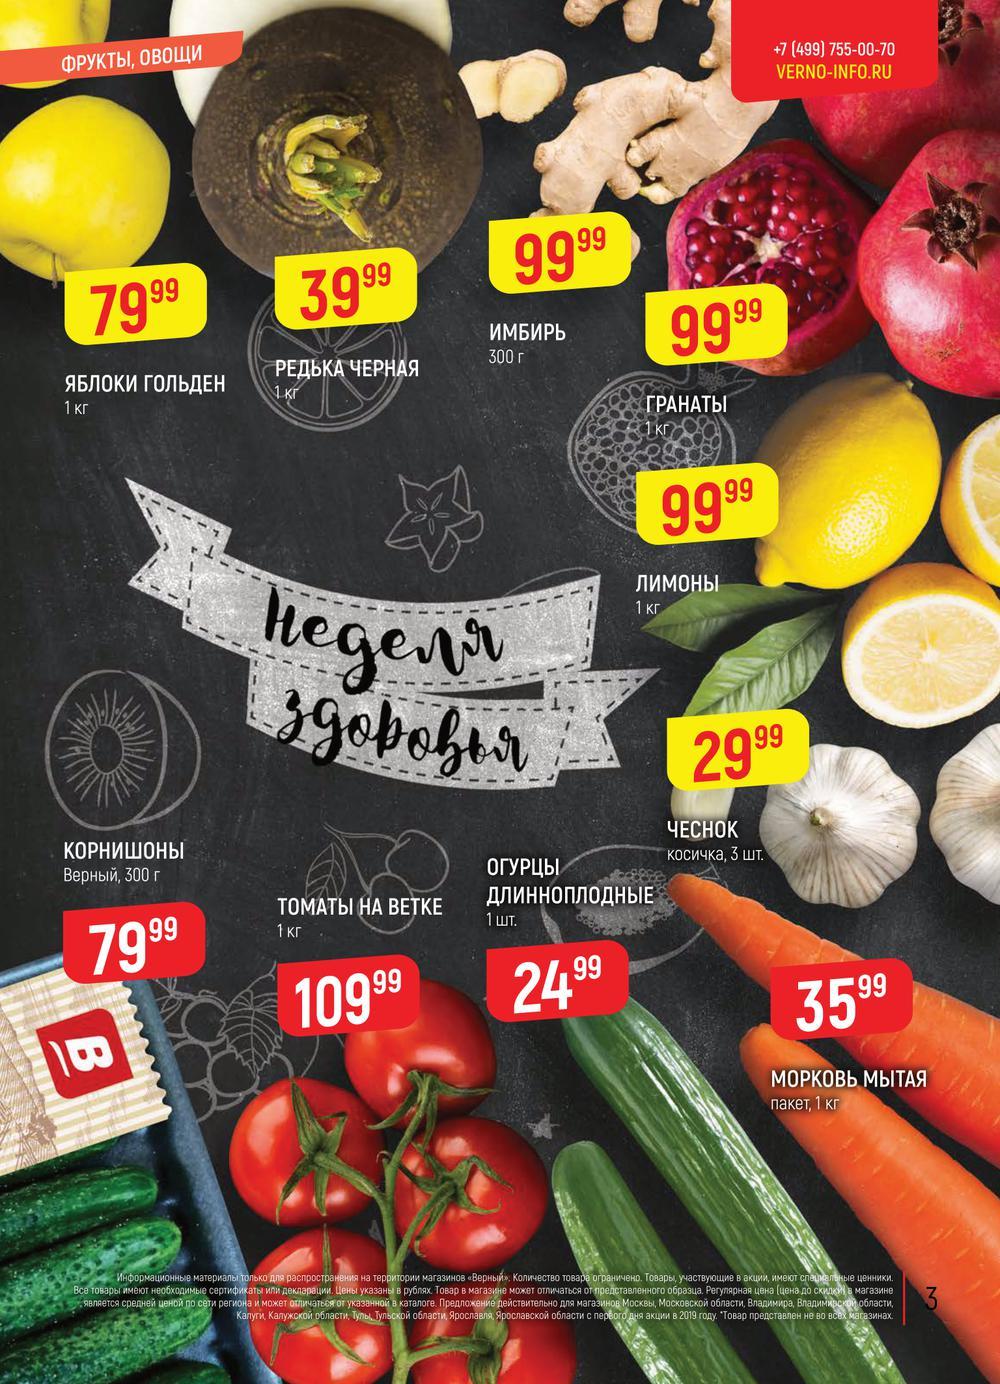 Акции в магазине Верный с 22 октября 2020 года